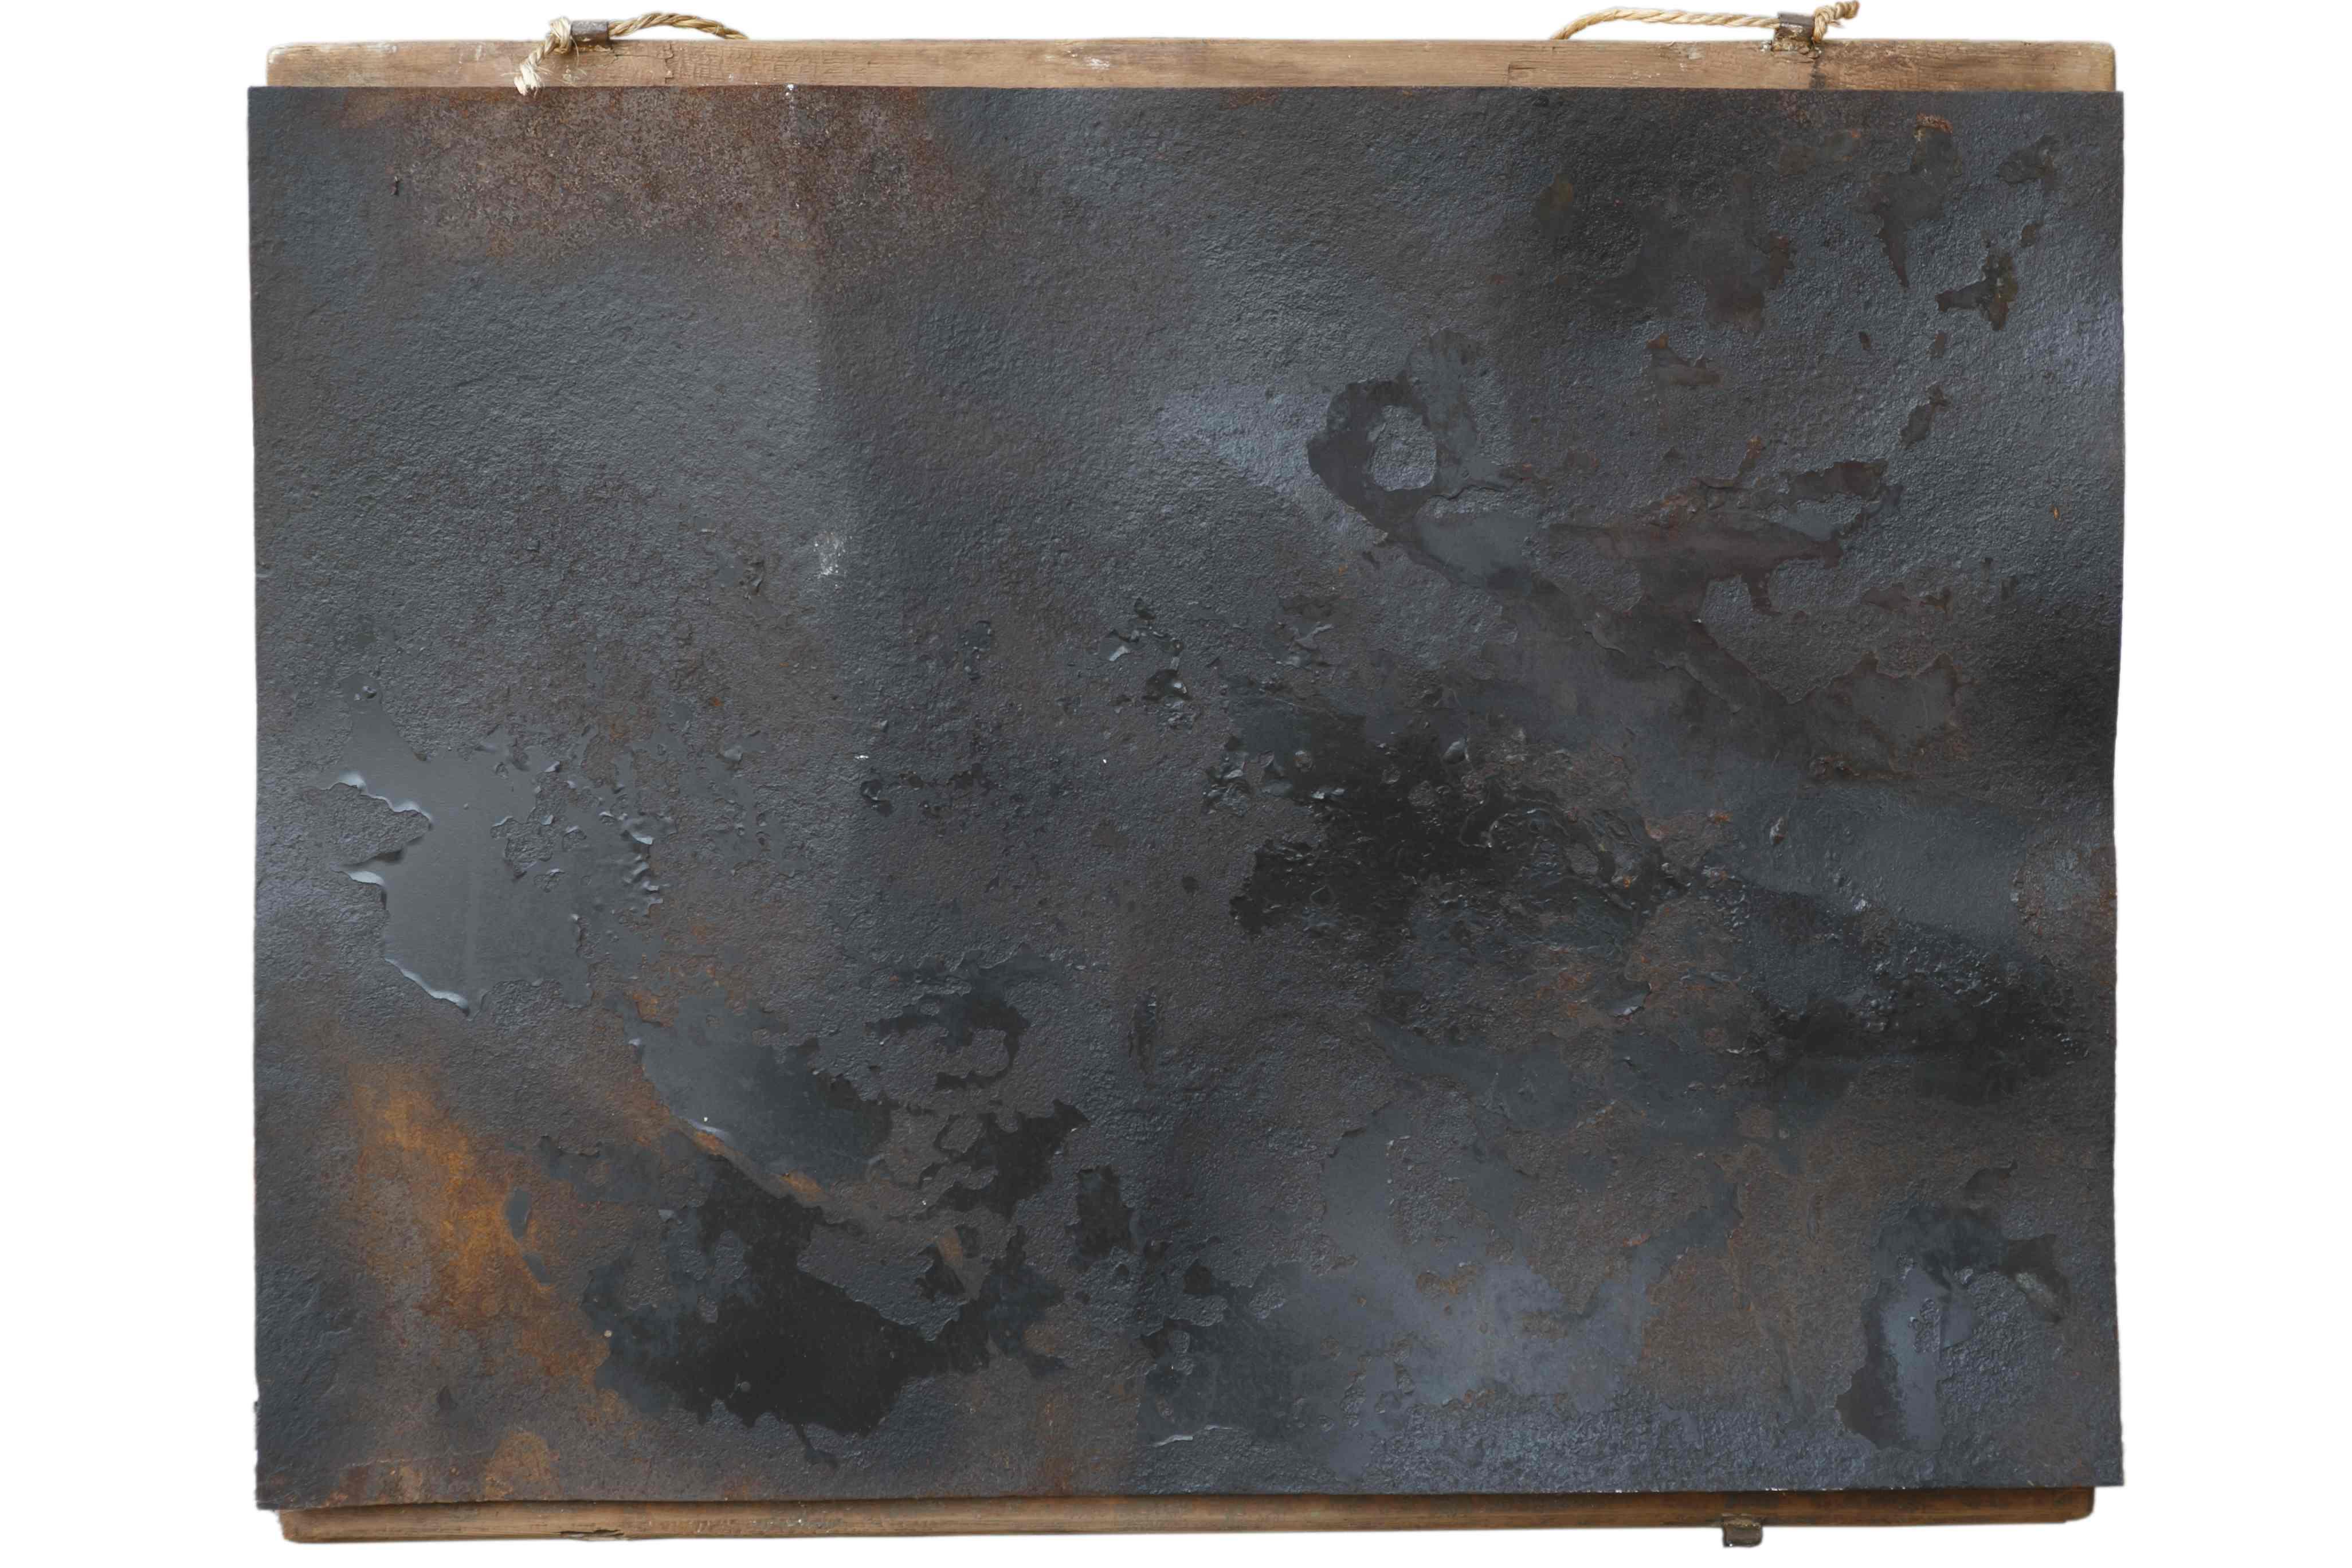 Suggestioni, ferro corroso e smalto su tavola, 66x53, 2005